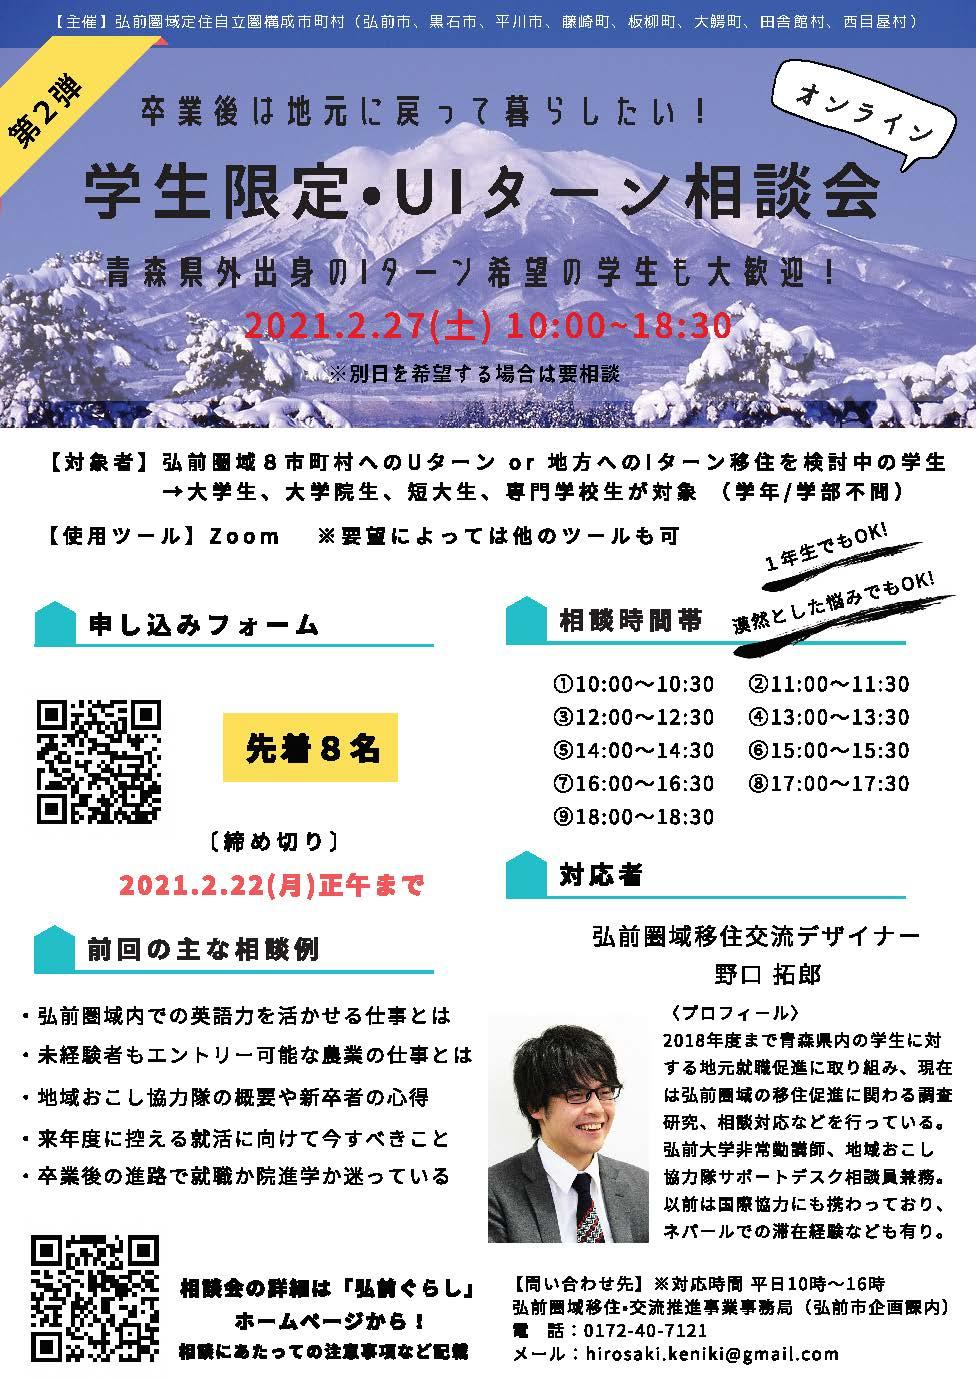 20210227 gakuseiui2tirashi.pdf